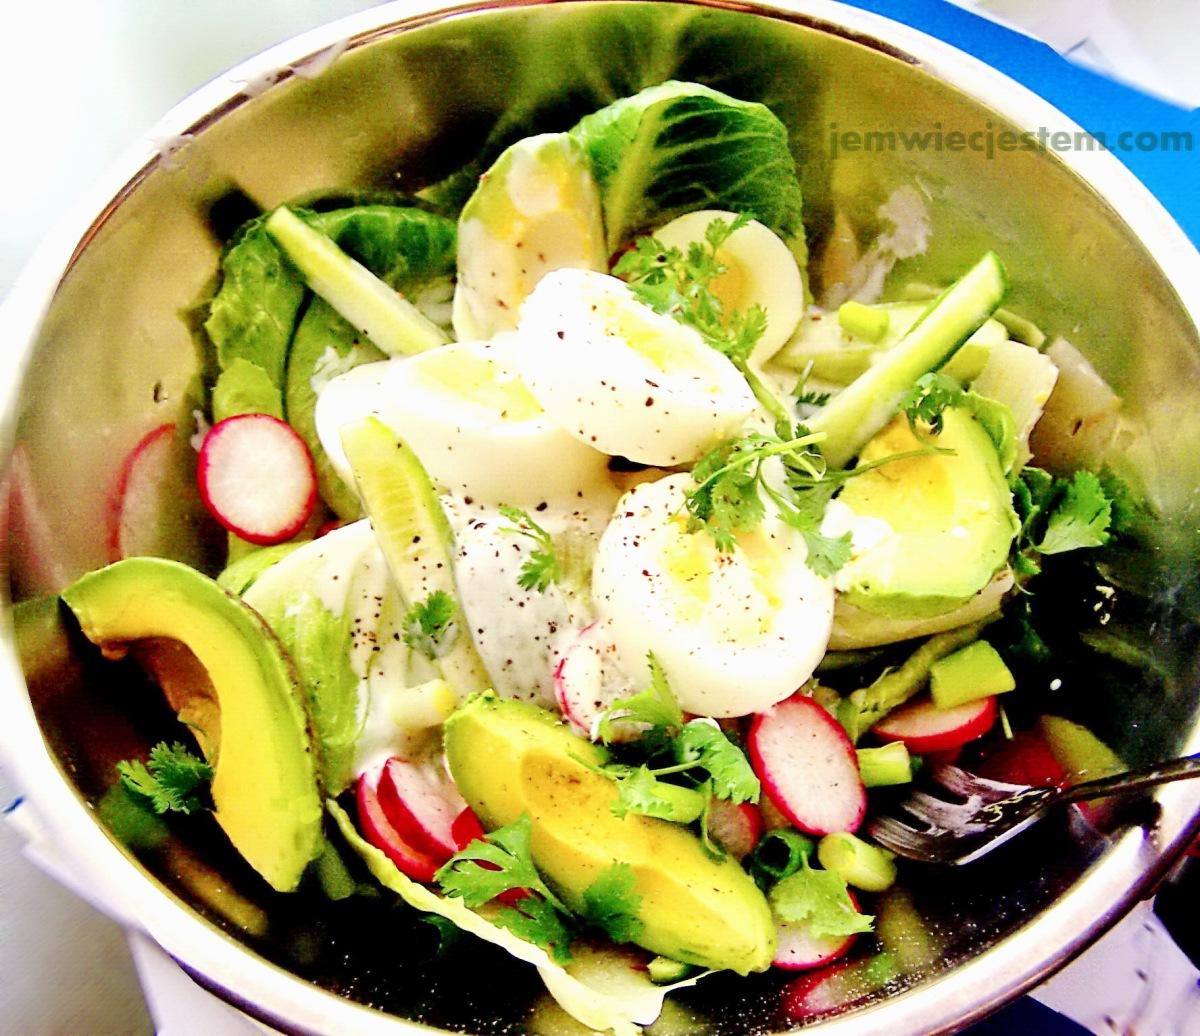 Zielona sałatka wielkanocna z jajkami, awokado i dresingiem wasabi